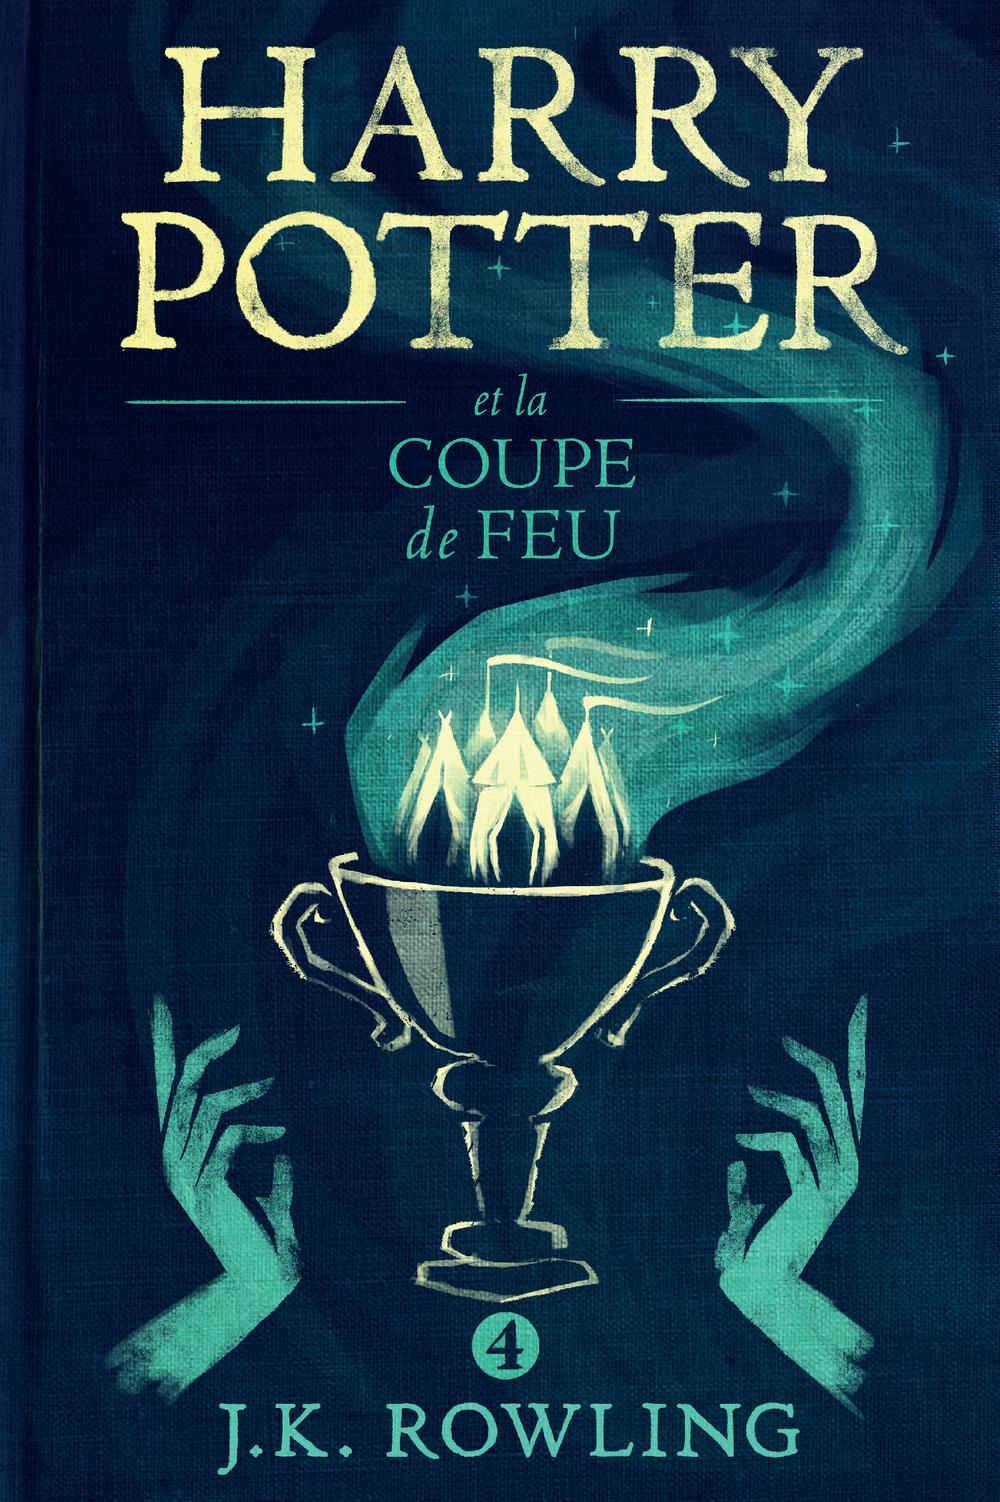 Harry Potter et la Coupe de Feu |